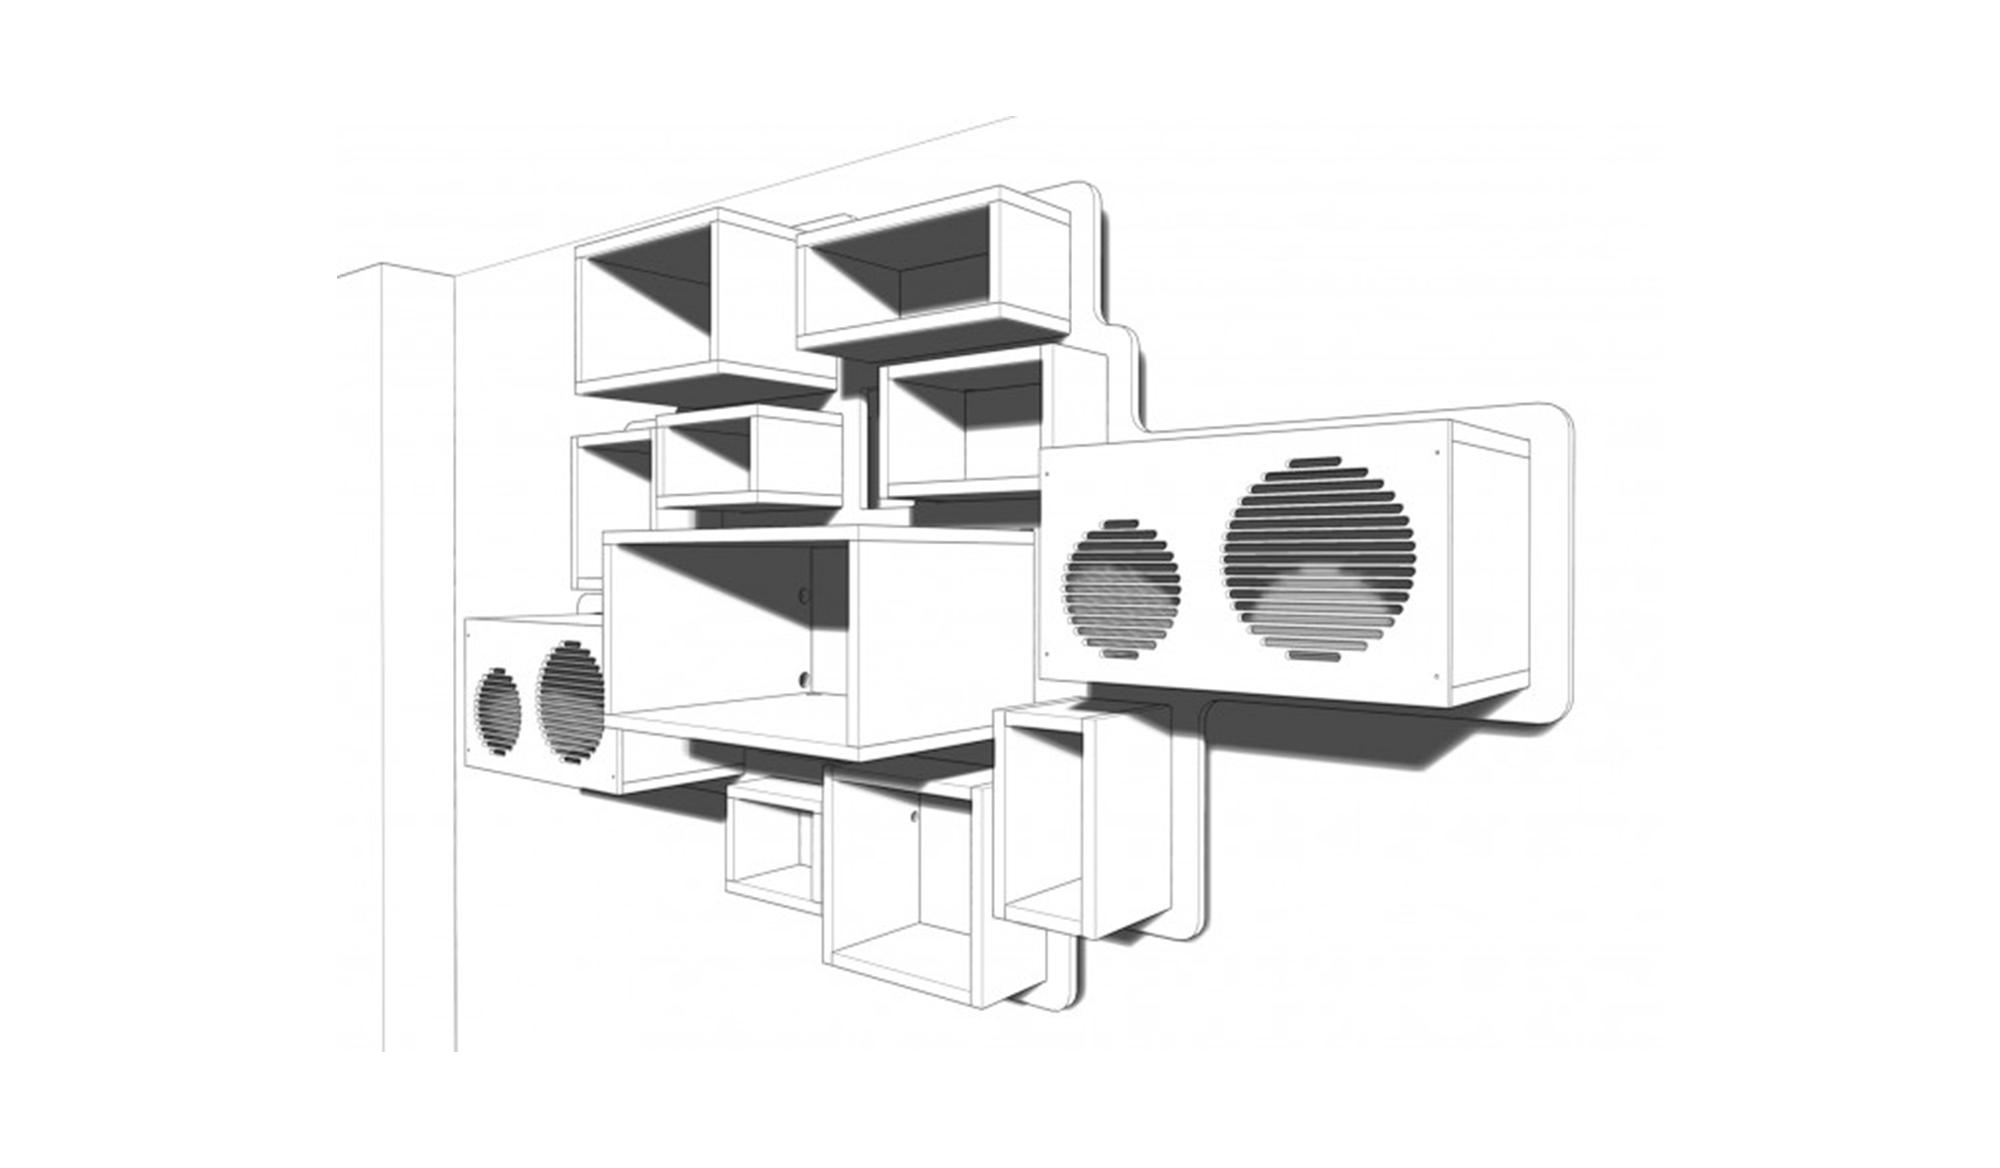 Estanteria-Kubik_-Diseño-_-EXarchitects_08